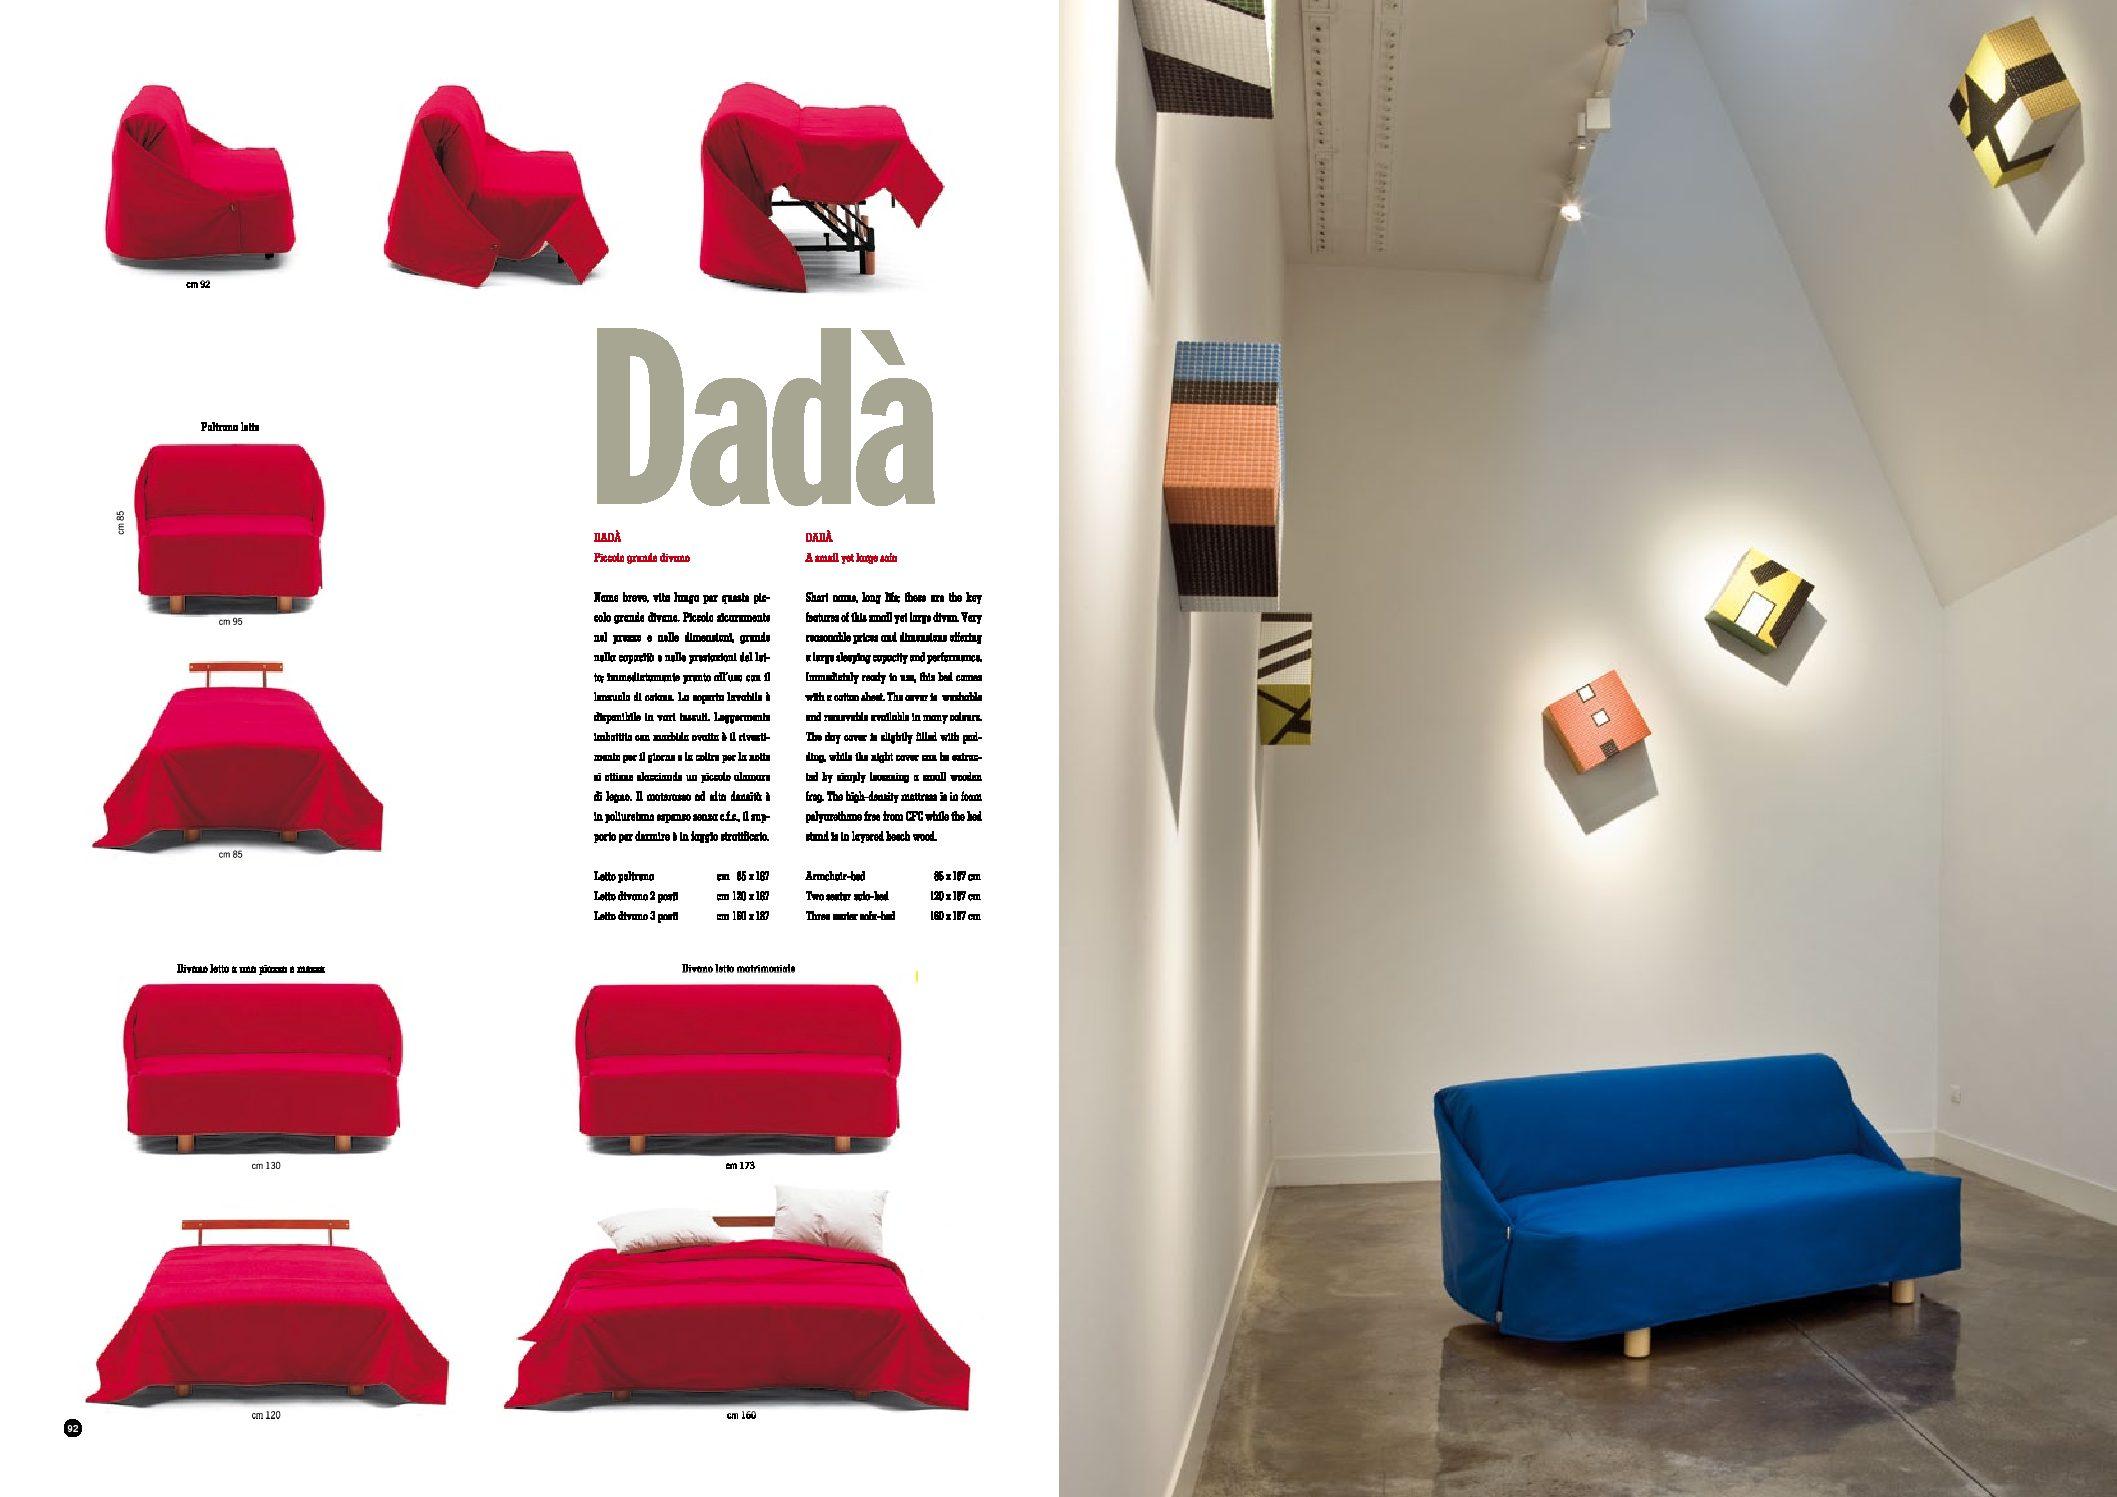 Divano letto Dadà di Campeggi - Arredamento & design